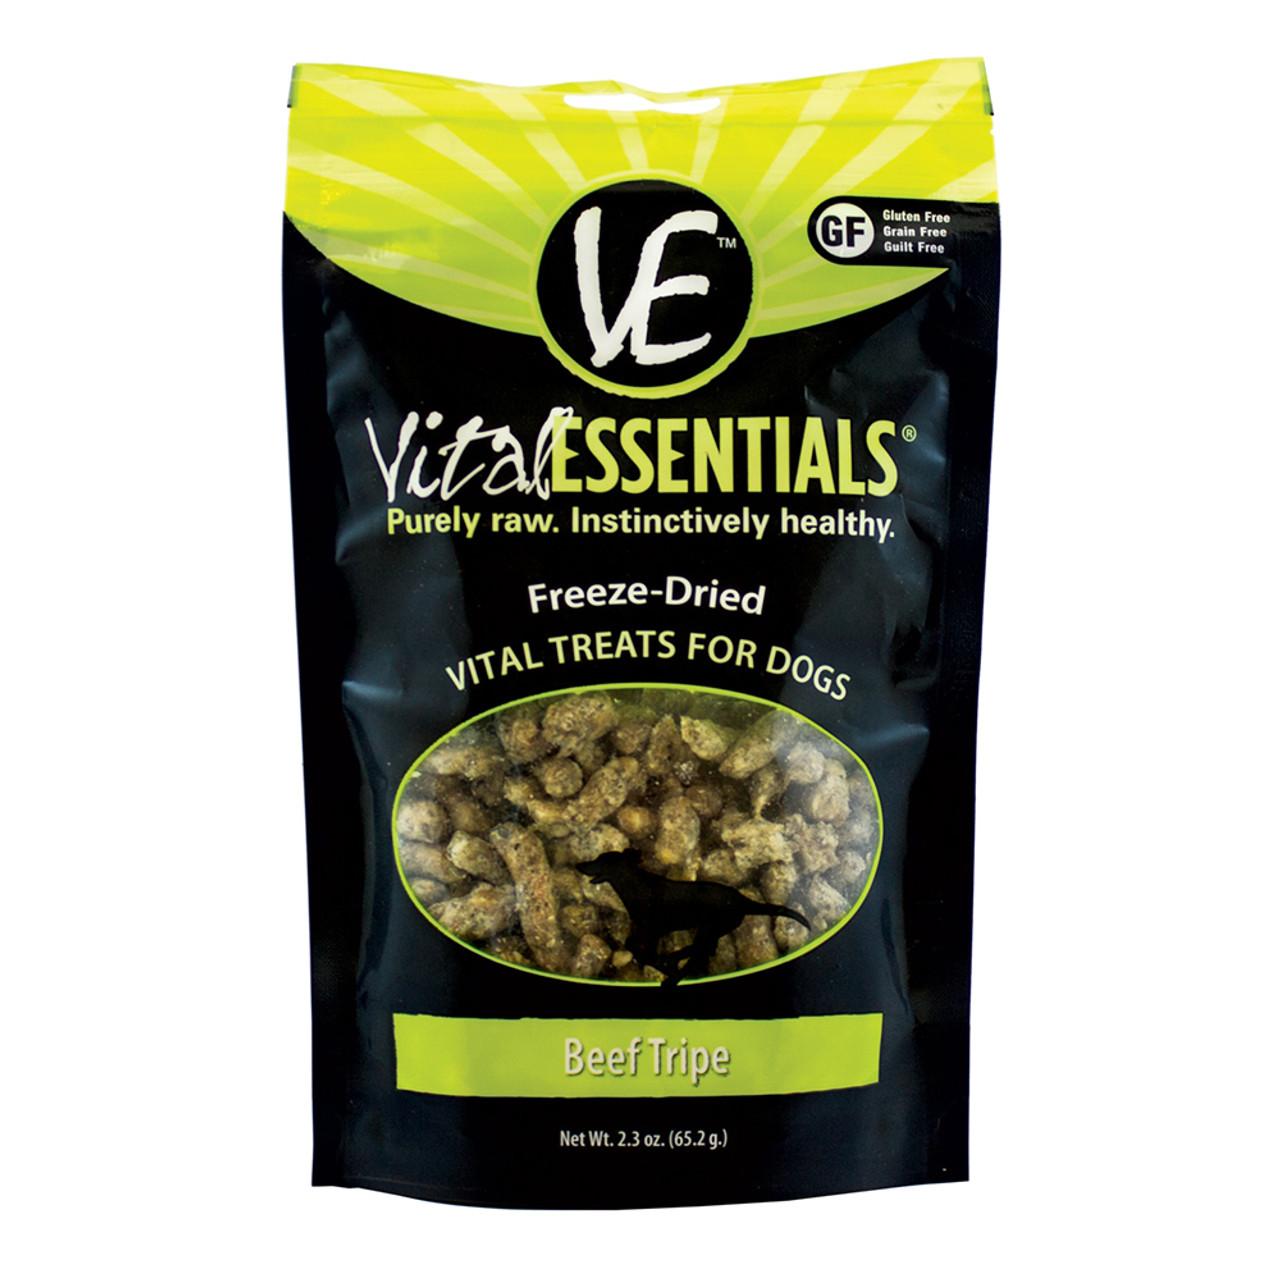 Vital Essentials Beef Tripe Freeze-Dried Dog Treats